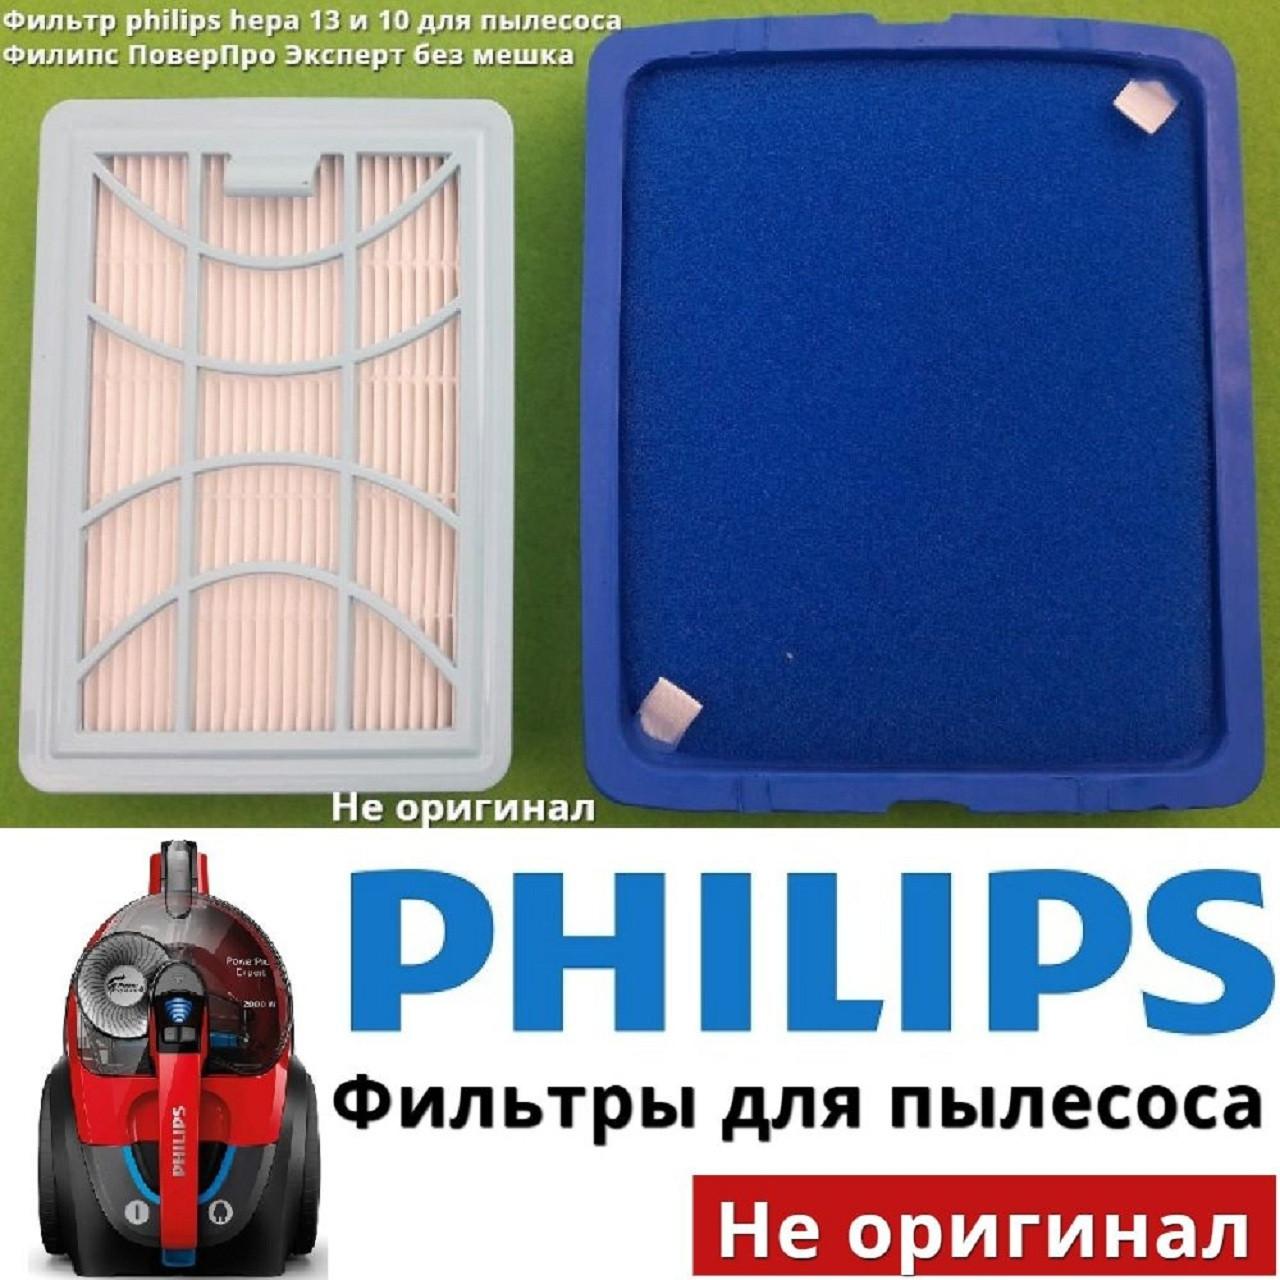 Фильтр philips hepa 13 и 10 хепа (нера) для пылесоса Филипс ПоверПро Эксперт без мешка (аксессуары, запчасти)